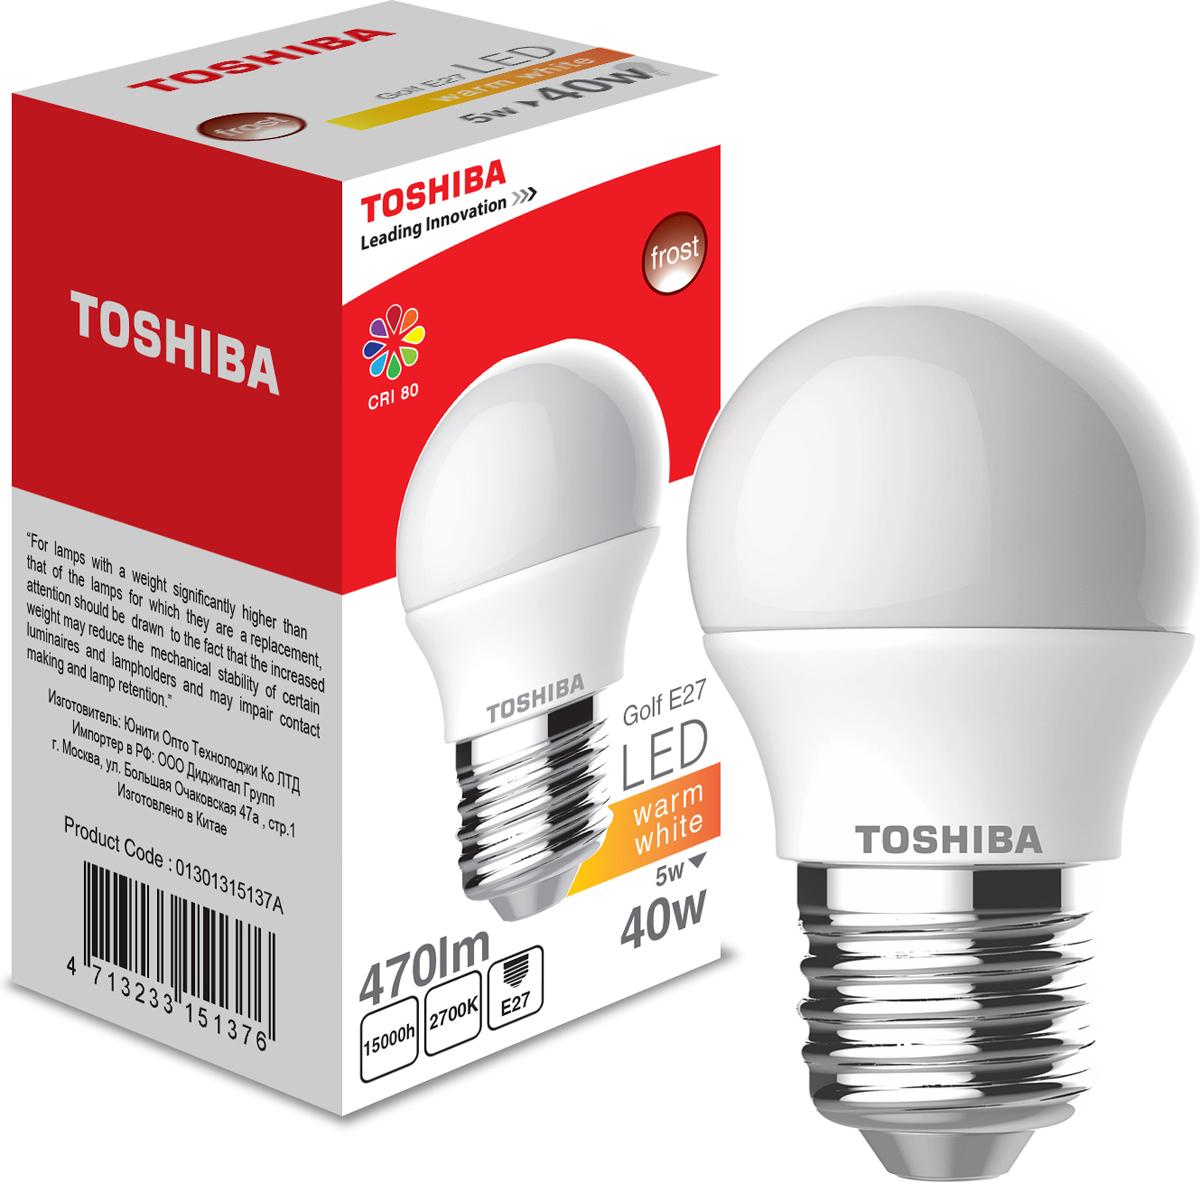 Лампа светодиодная Toshiba, теплый свет, цоколь E27, 5W. 1301315137A1301315137AЛампа светодиодная Toshiba является самым перспективным источником света. Основным преимуществом данного источника света является длительный срок службы и очень низкое энергопотребление, так, например, по сравнению с обычной лампой накаливания светодиодная лампа служит в среднем в 50 раз дольше и потребляет в 10-15 раз меньше электроэнергии.При этом светодиодная лампа практически не подвержена механическому воздействию из-за прочной конструкции и позволяет получить любой цвет светового потока, что, несомненно, расширяет возможности применения и позволяет создавать новые решения в области освещения.